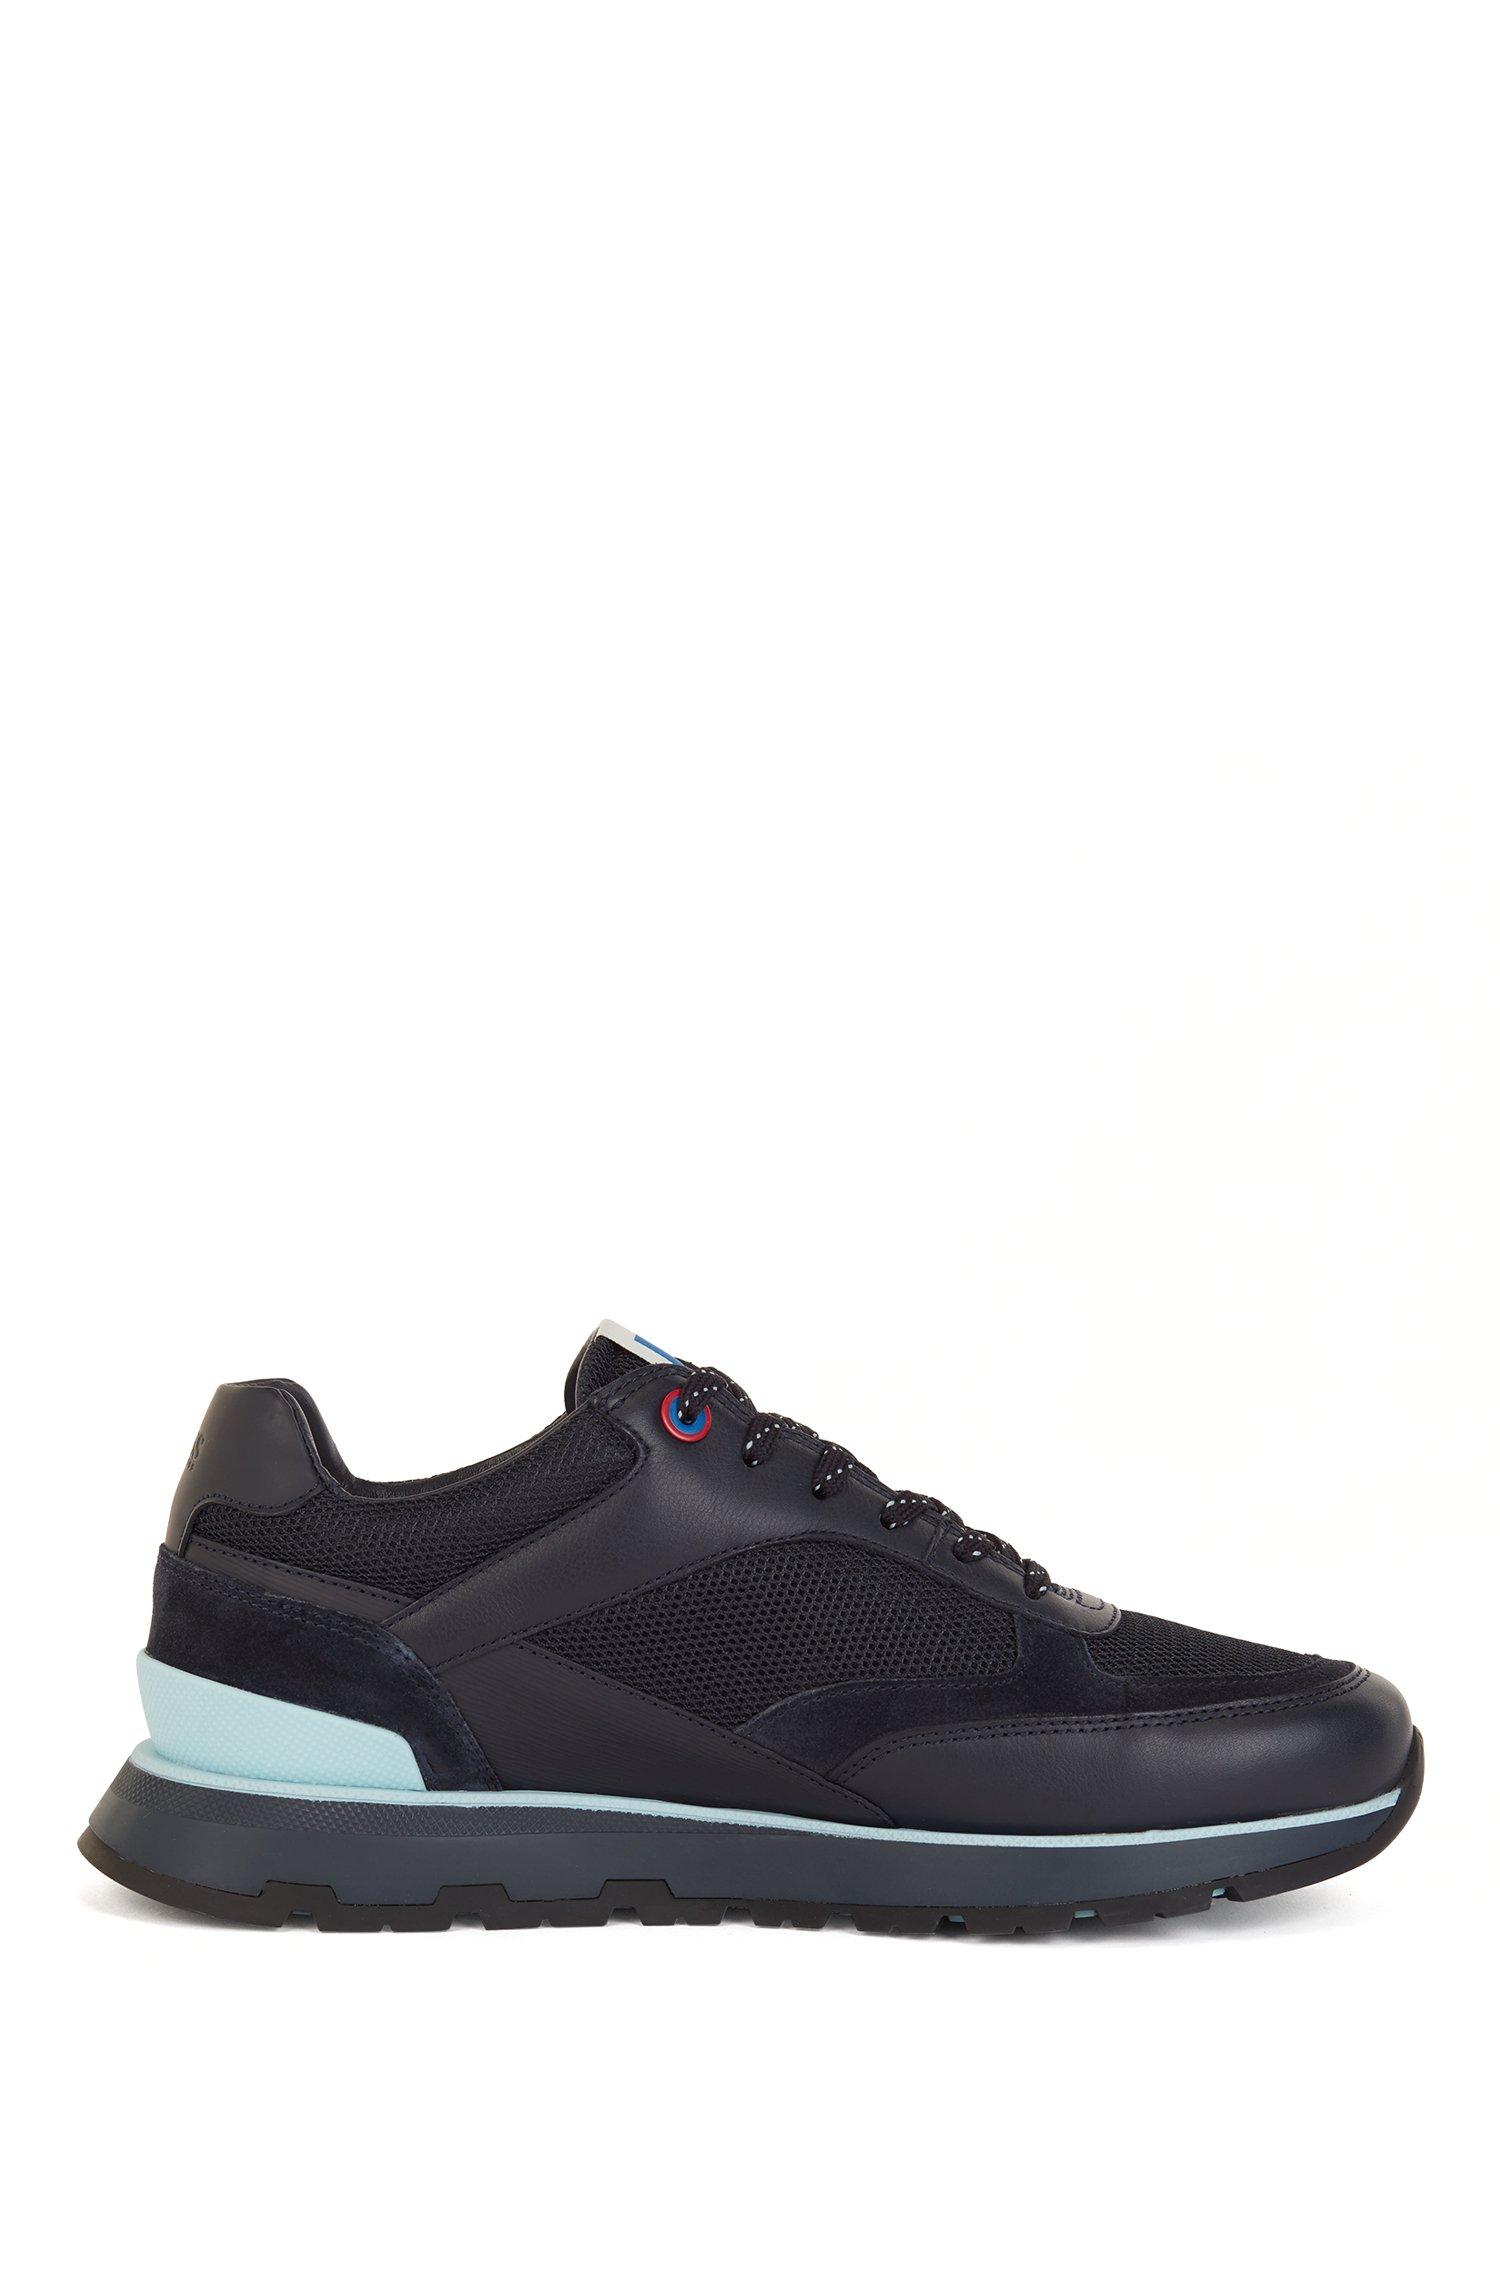 Sneakers im Laufschuh-Stil aus verschiedenen Materialien mit exklusivem Logo, Schwarz